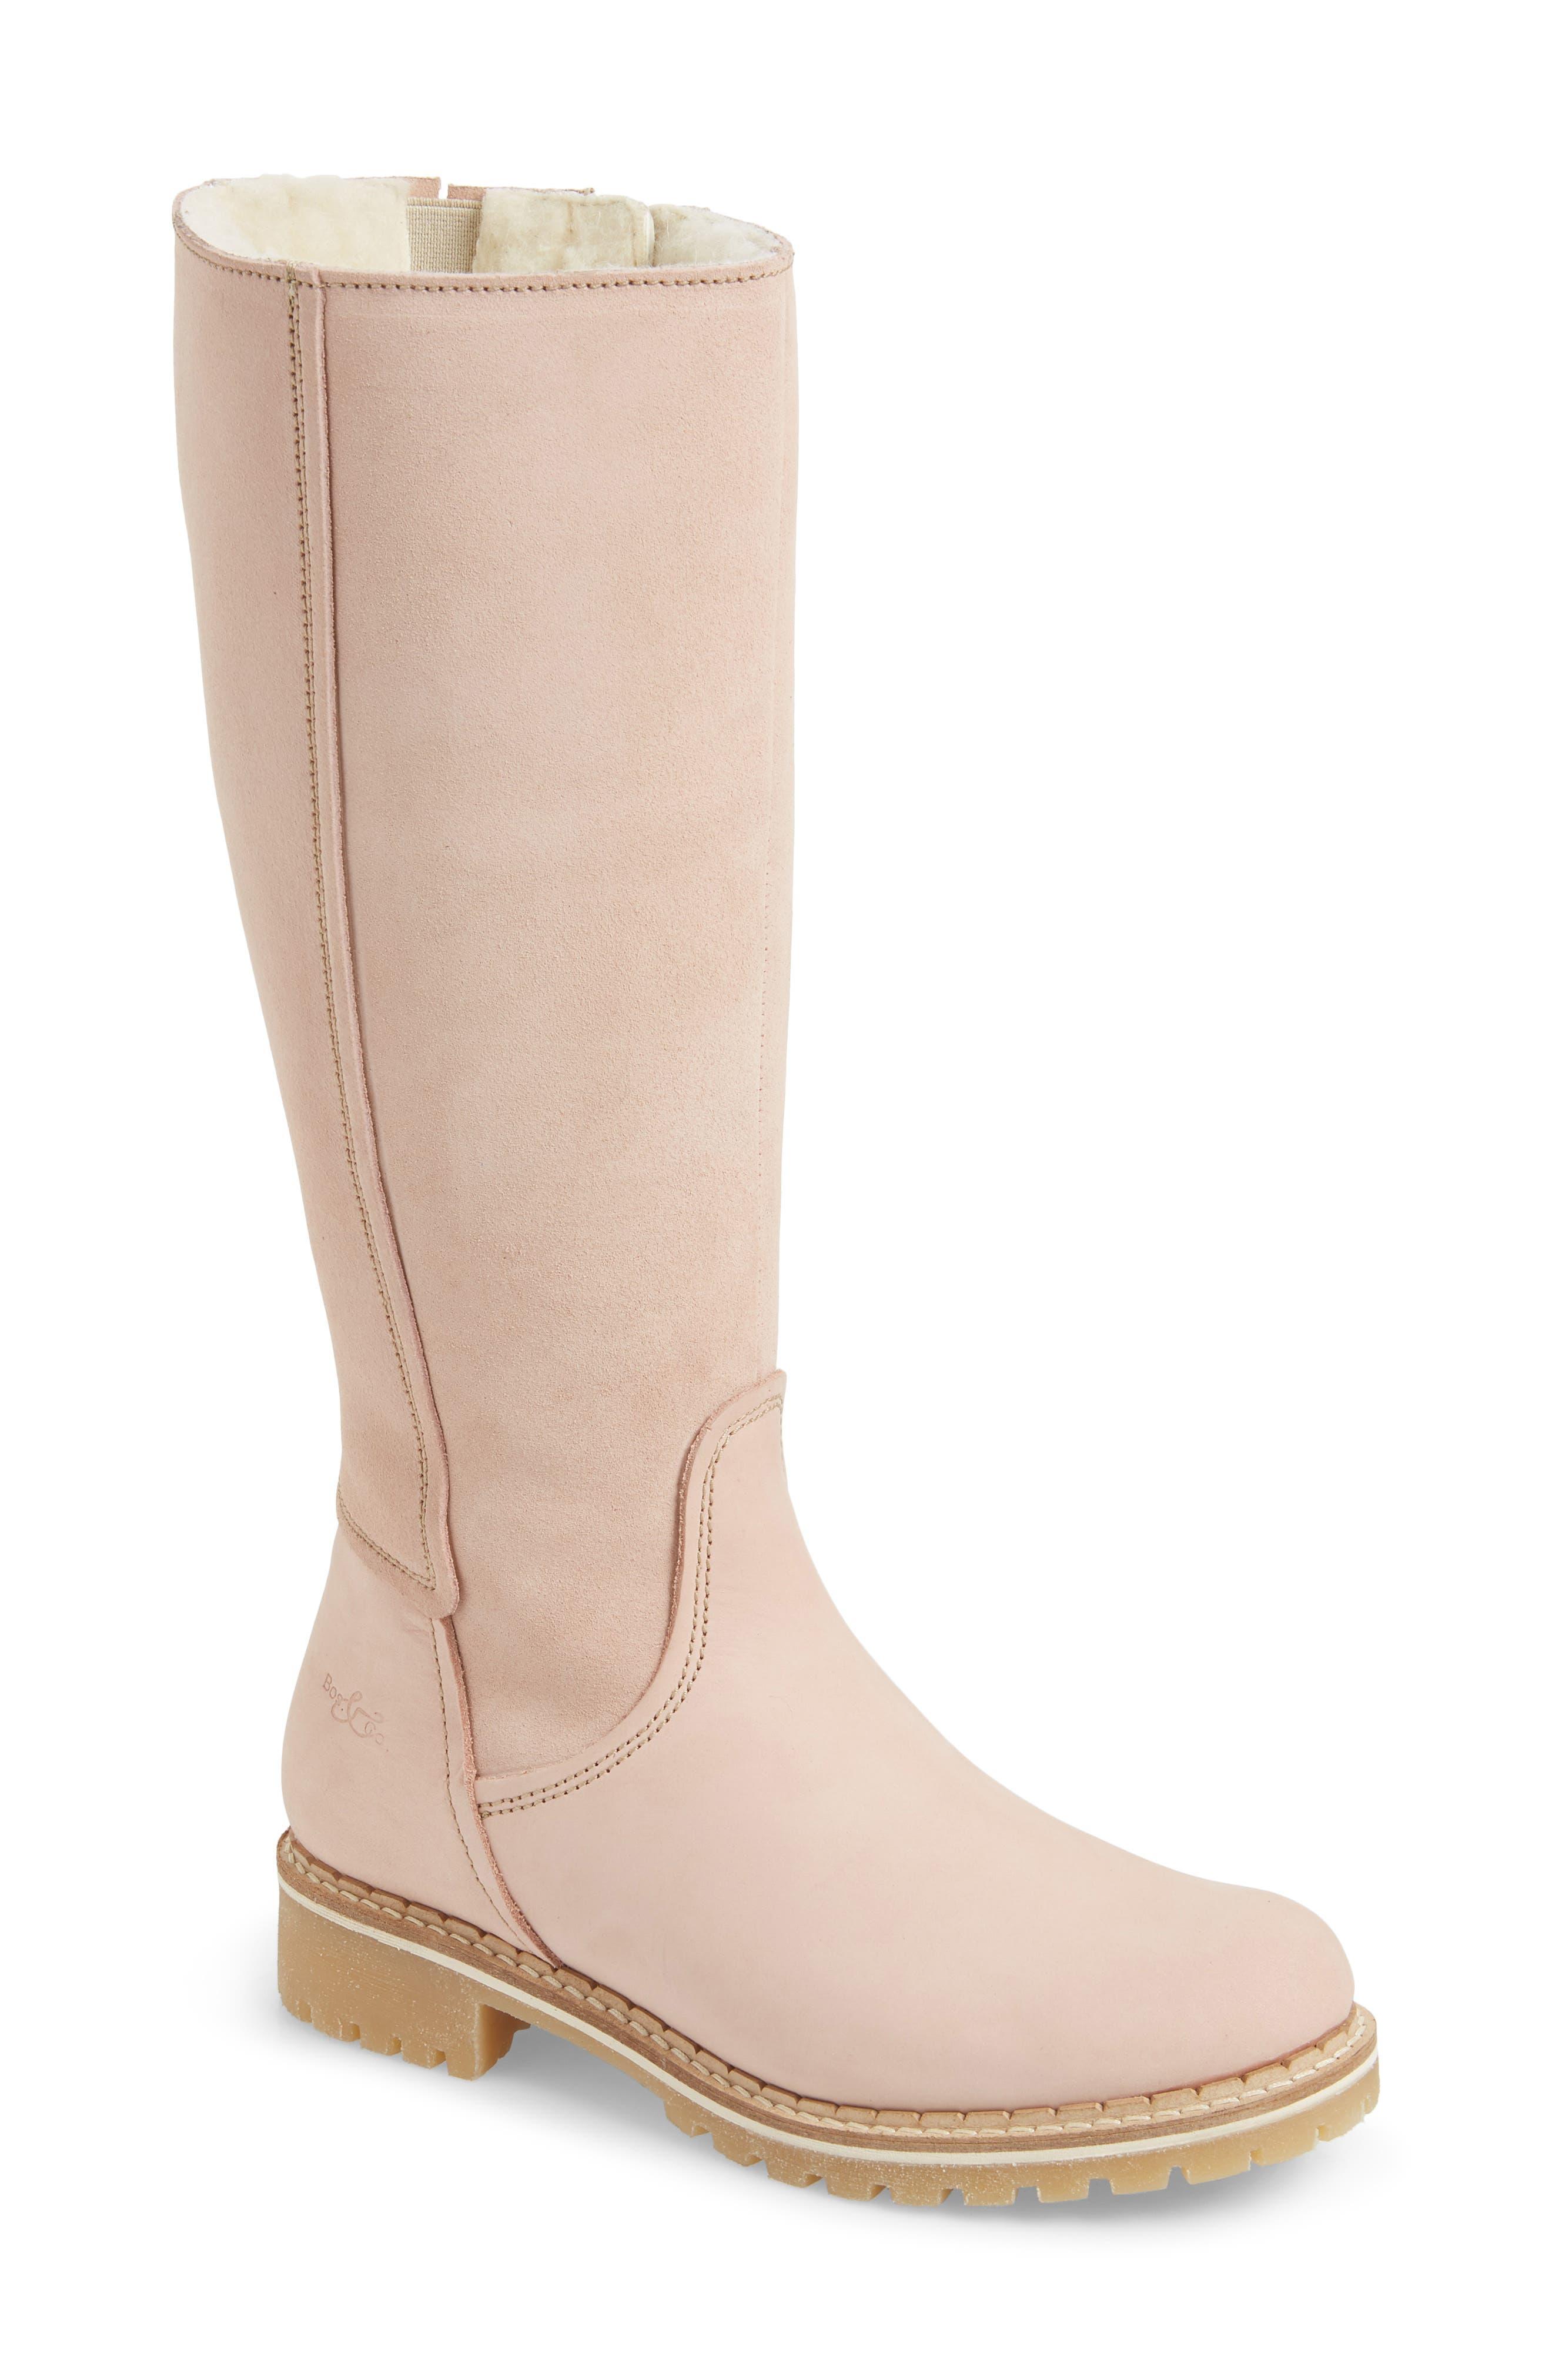 Bos. & Co. Hudson Waterproof Boot - Pink